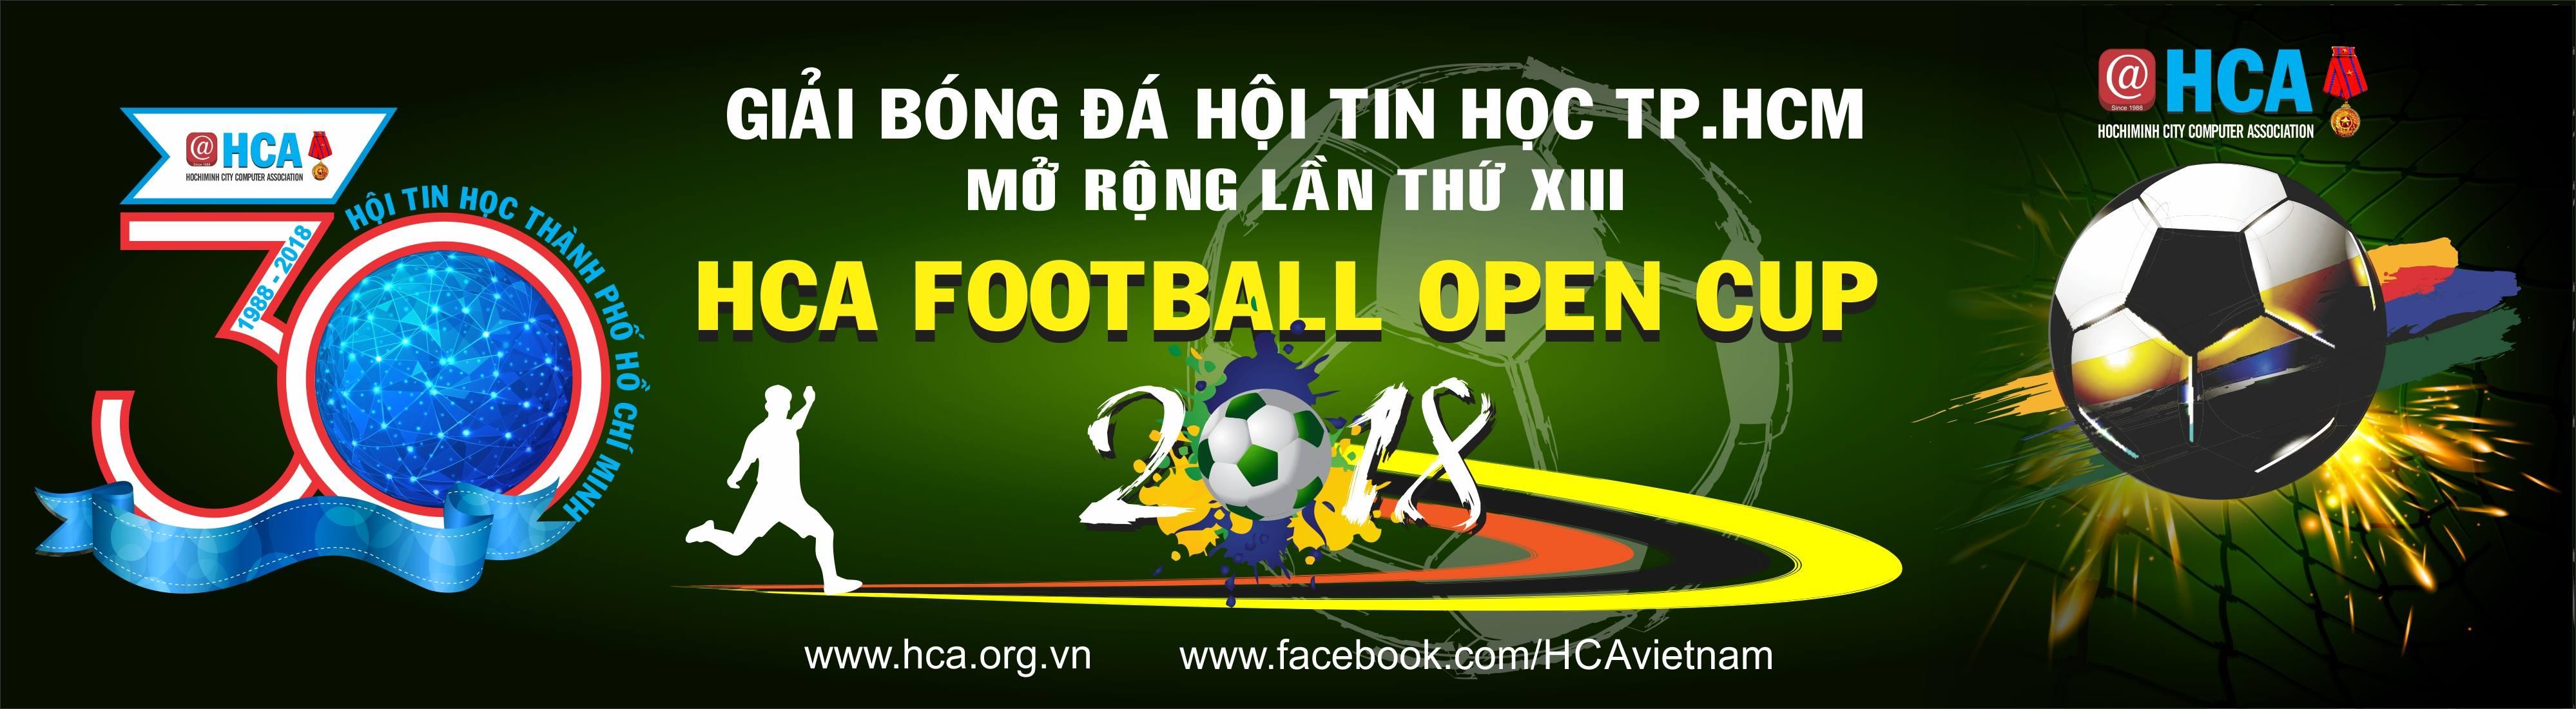 Thiết kế banner bóng đá tại Thegioidohoa.com